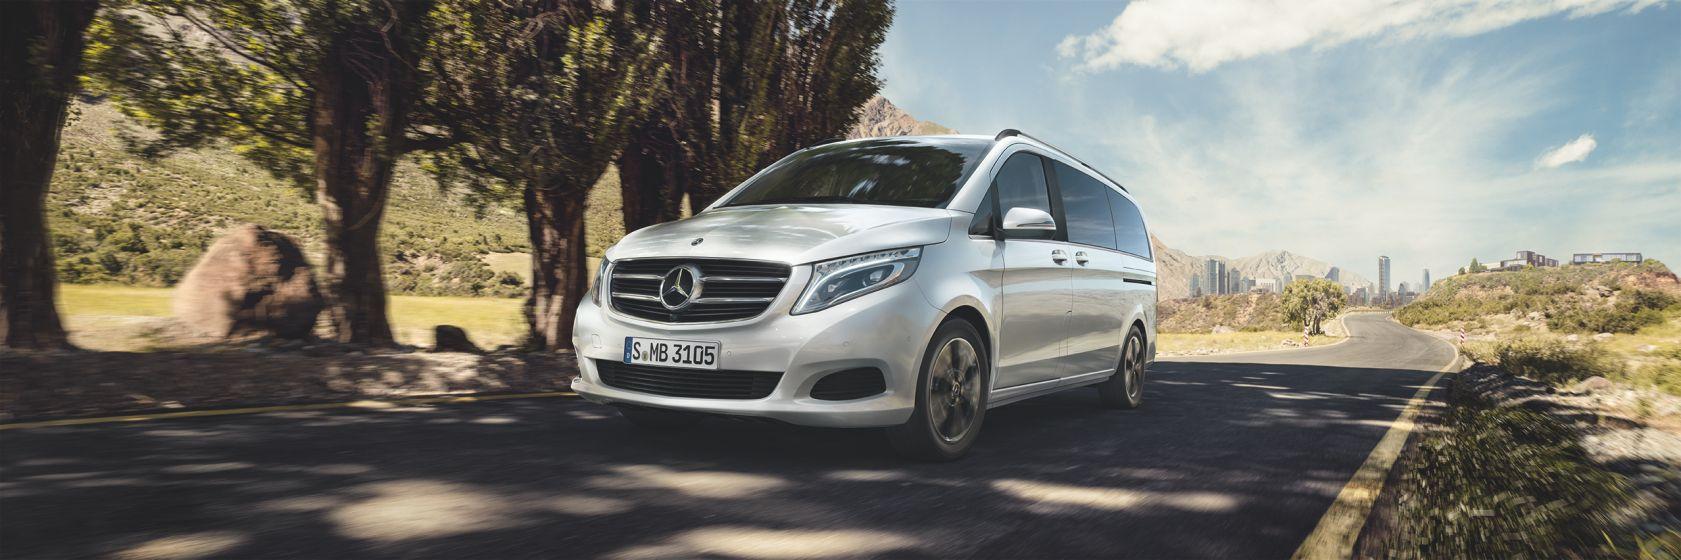 Интерьер и экстерьер Mercedes–Benz V–Class